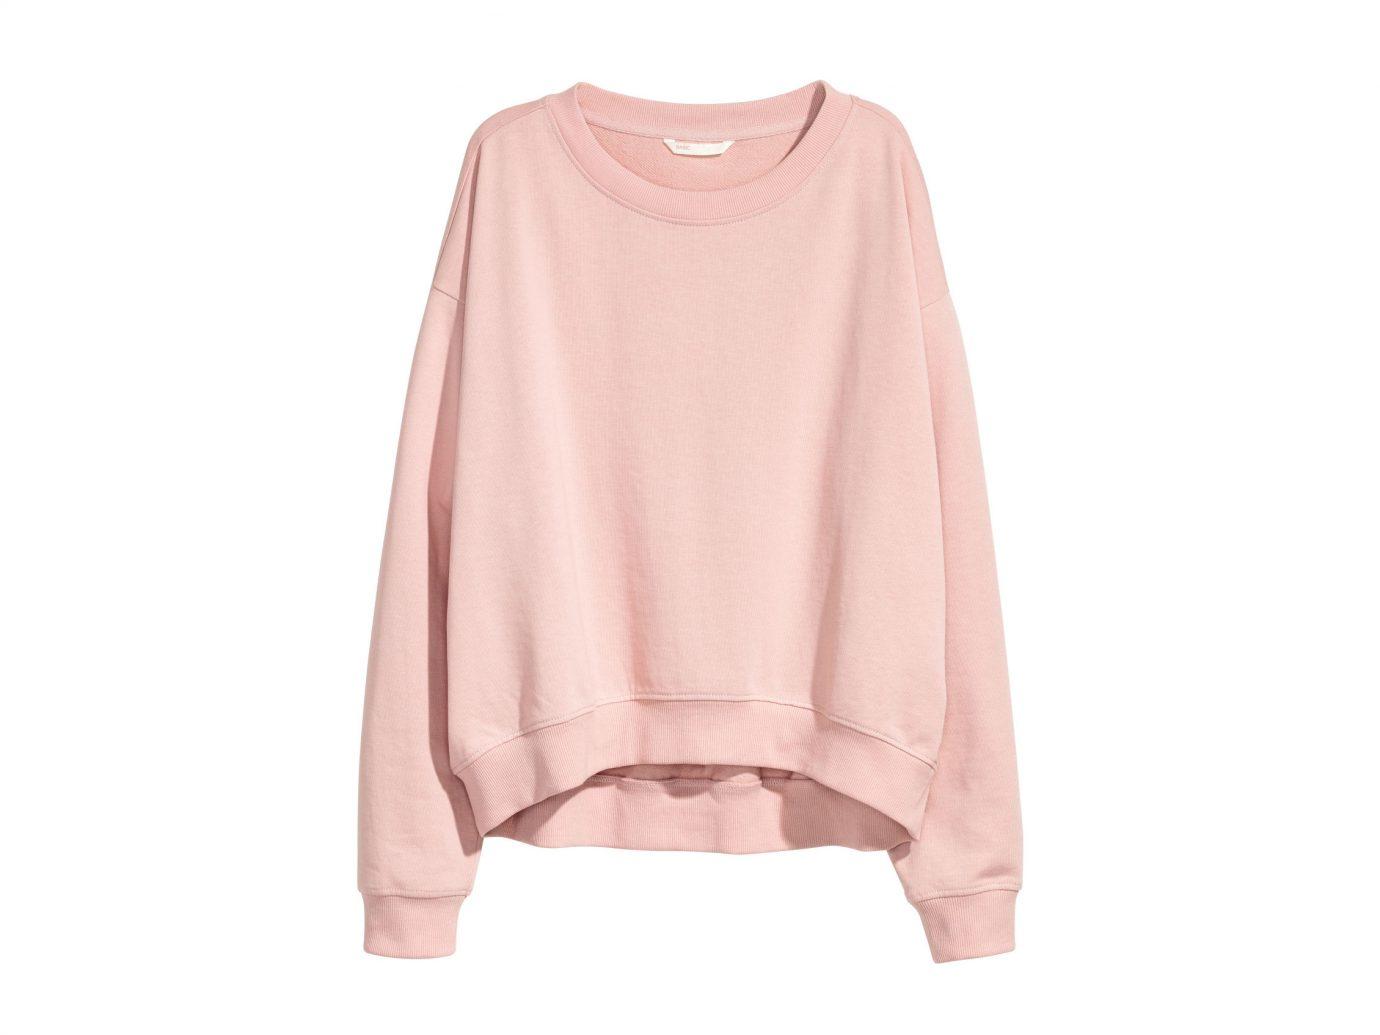 best sweatshirts, H&m